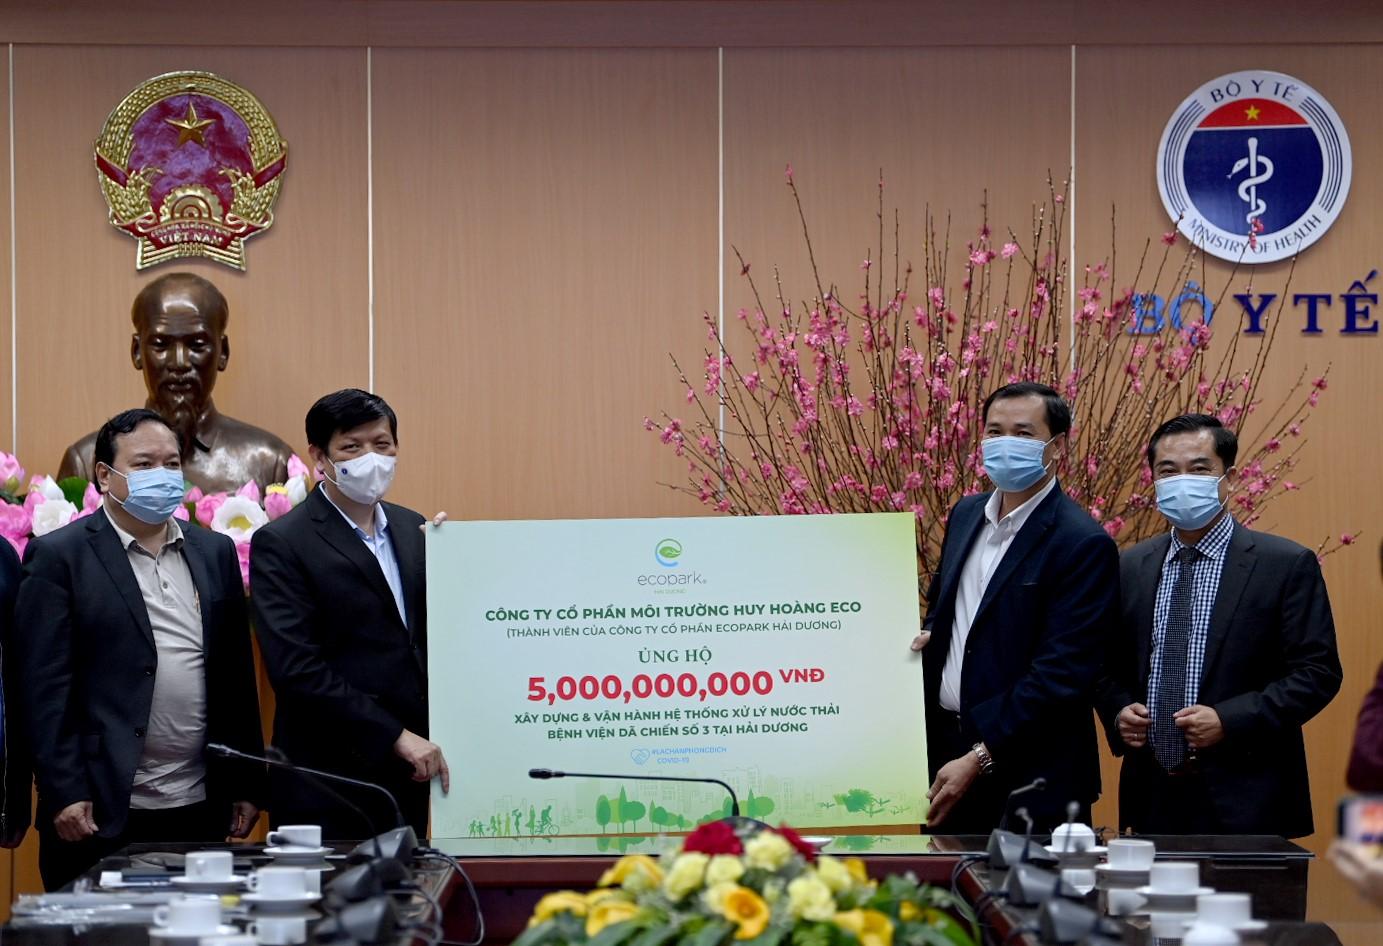 Ecopark ủng hộ 13 tỷ đồng cho công tác phòng chống dịch Covid-19  - Ảnh 3